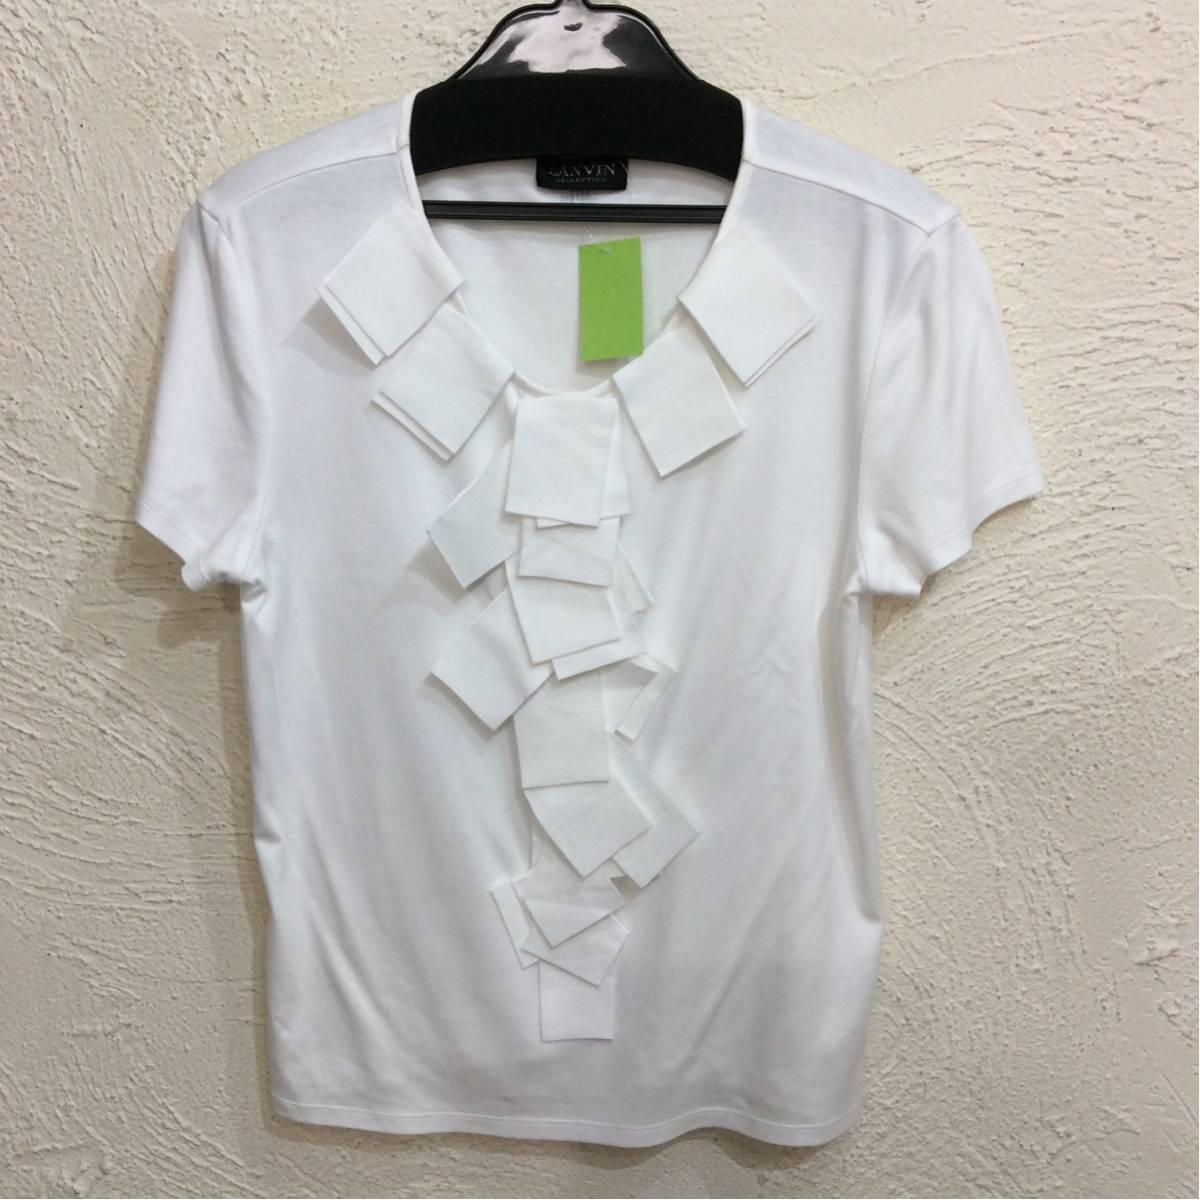 ランバン 半袖カットソー 白色 前リボン飾り 後ろ上ラインストーン飾り サイズ表記なし_画像1